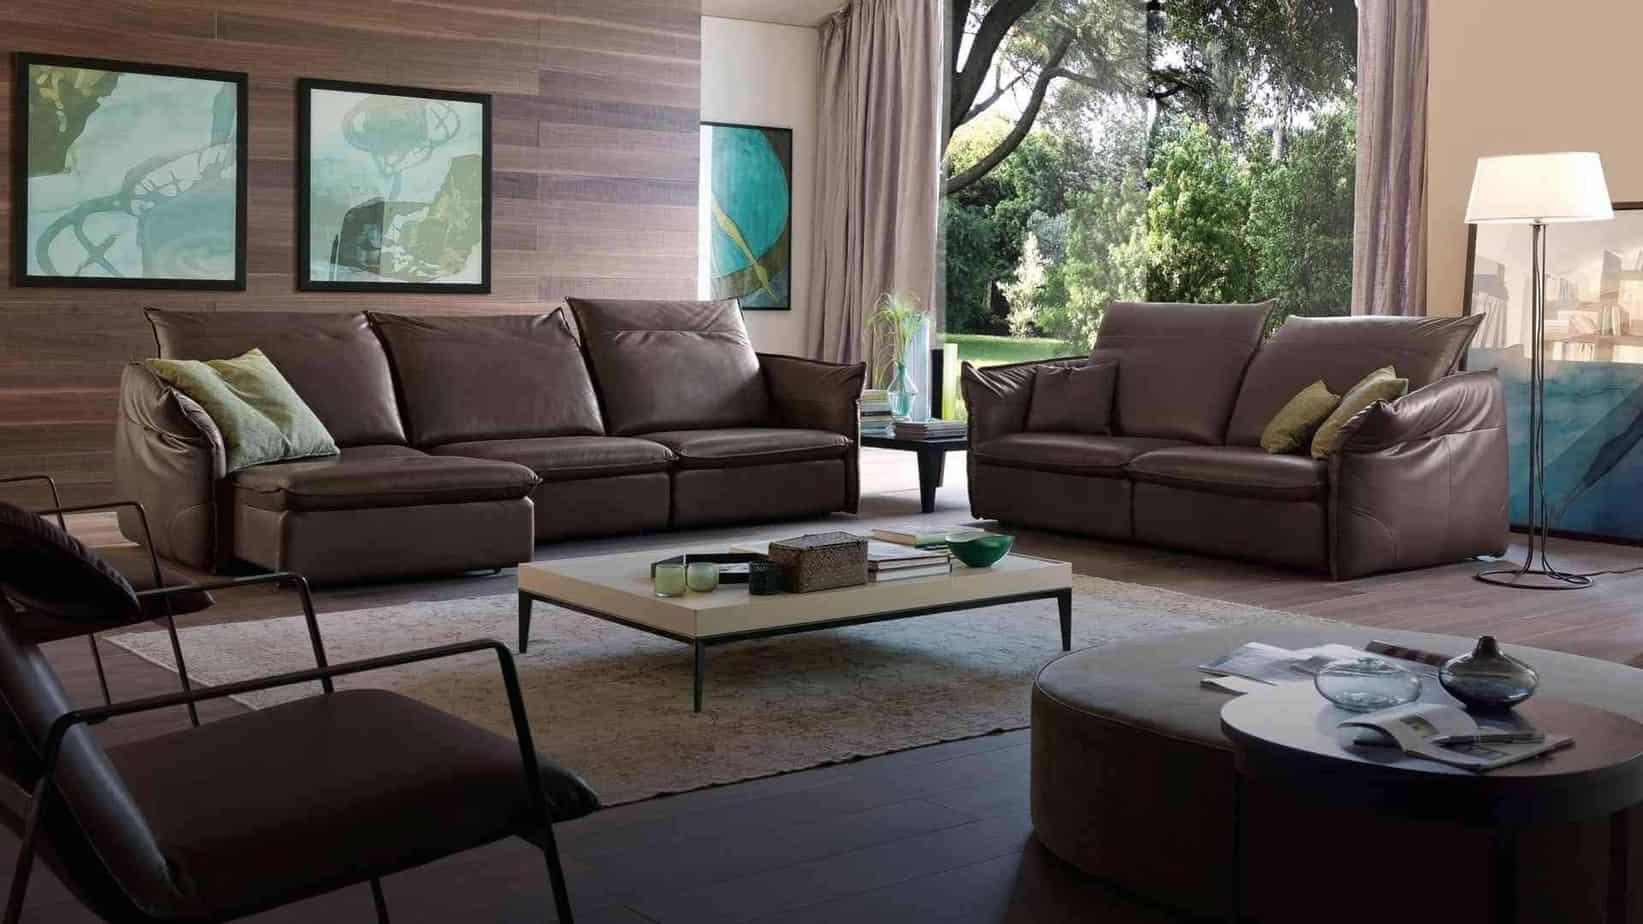 cách bố trí bàn trà và sofa cho phòng khách